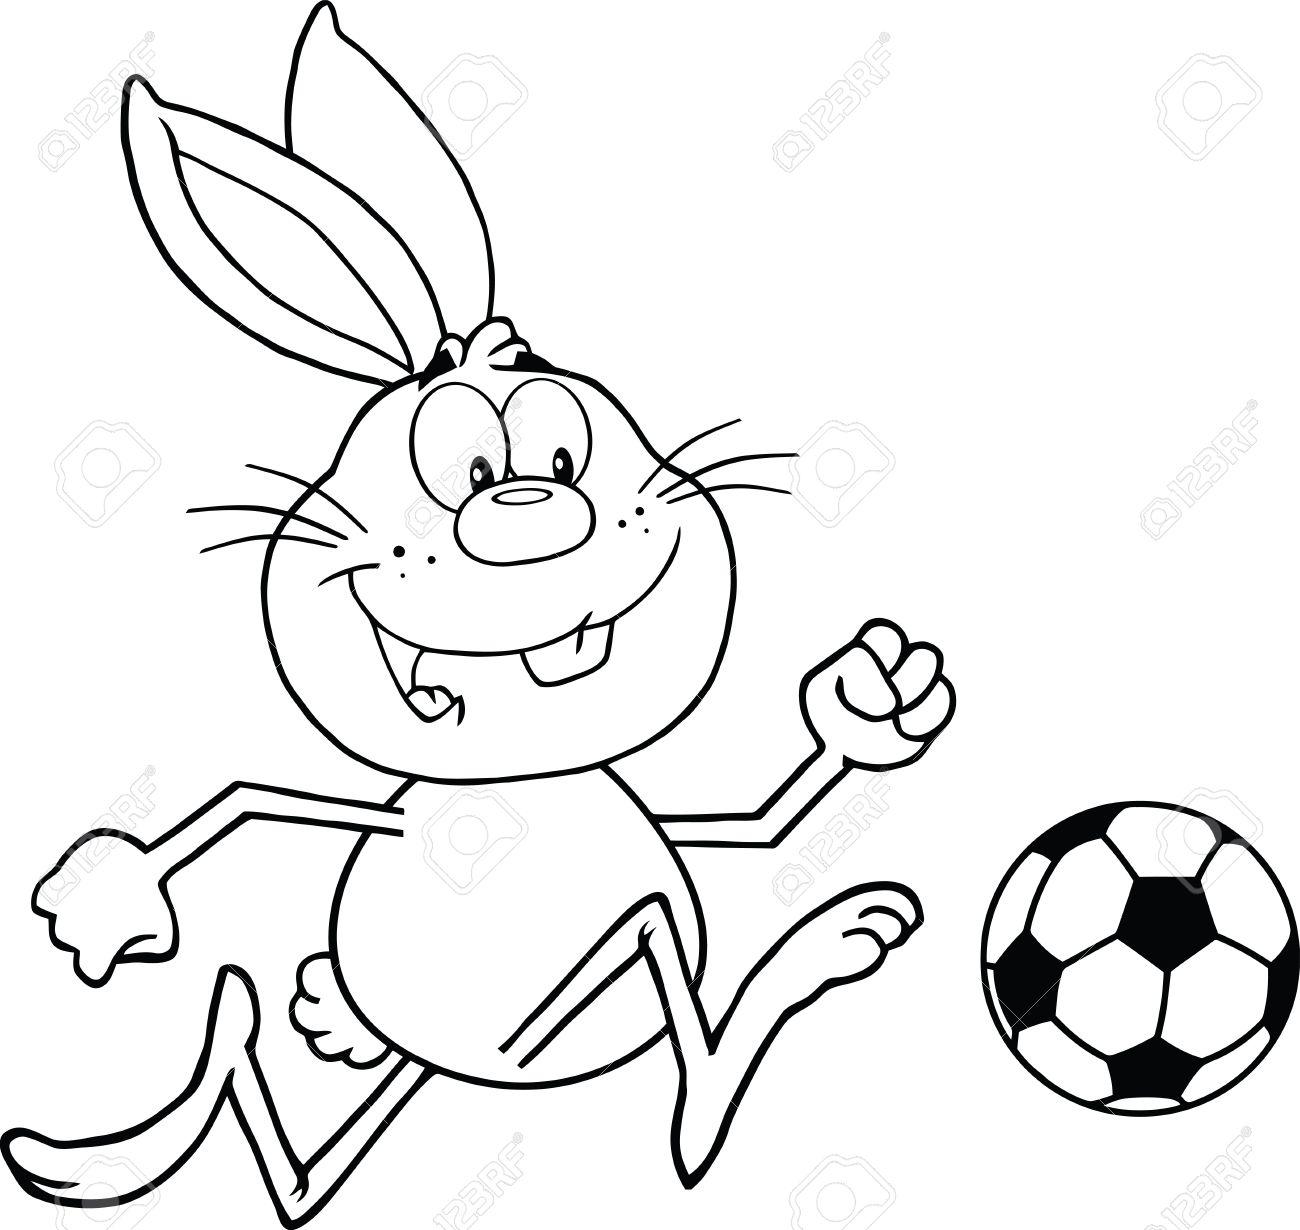 黒と白のかわいいウサギ漫画文字再生とサッカー ボール イラスト分離白の